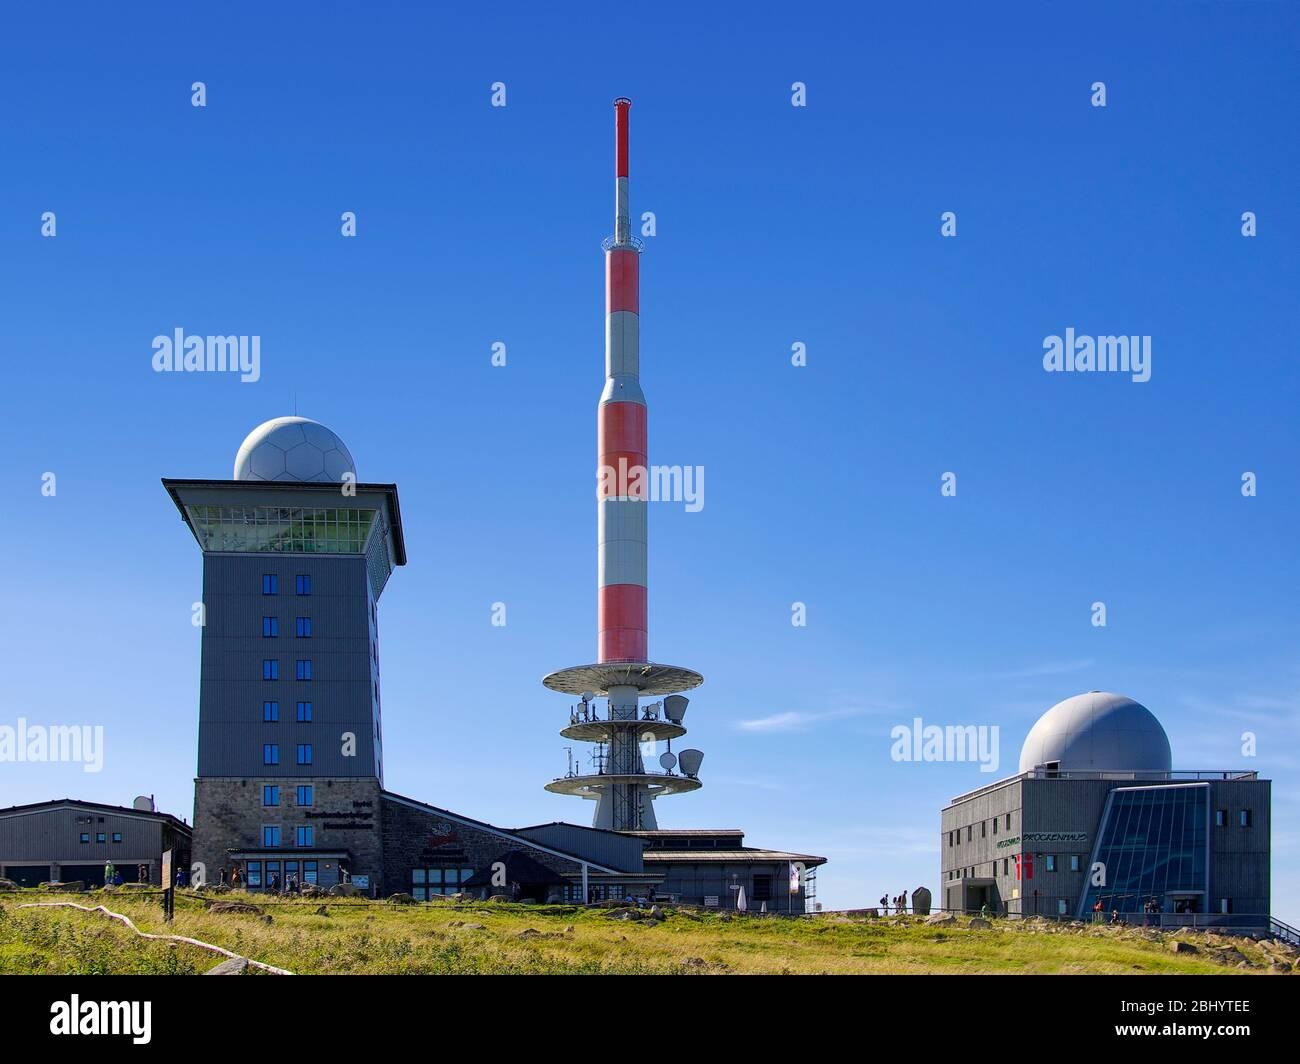 Brocken, Harz, Deutschland - 20. August 2010: Sender und Wetterstation mit touristischem Aufruhr am Brocken. Stockfoto